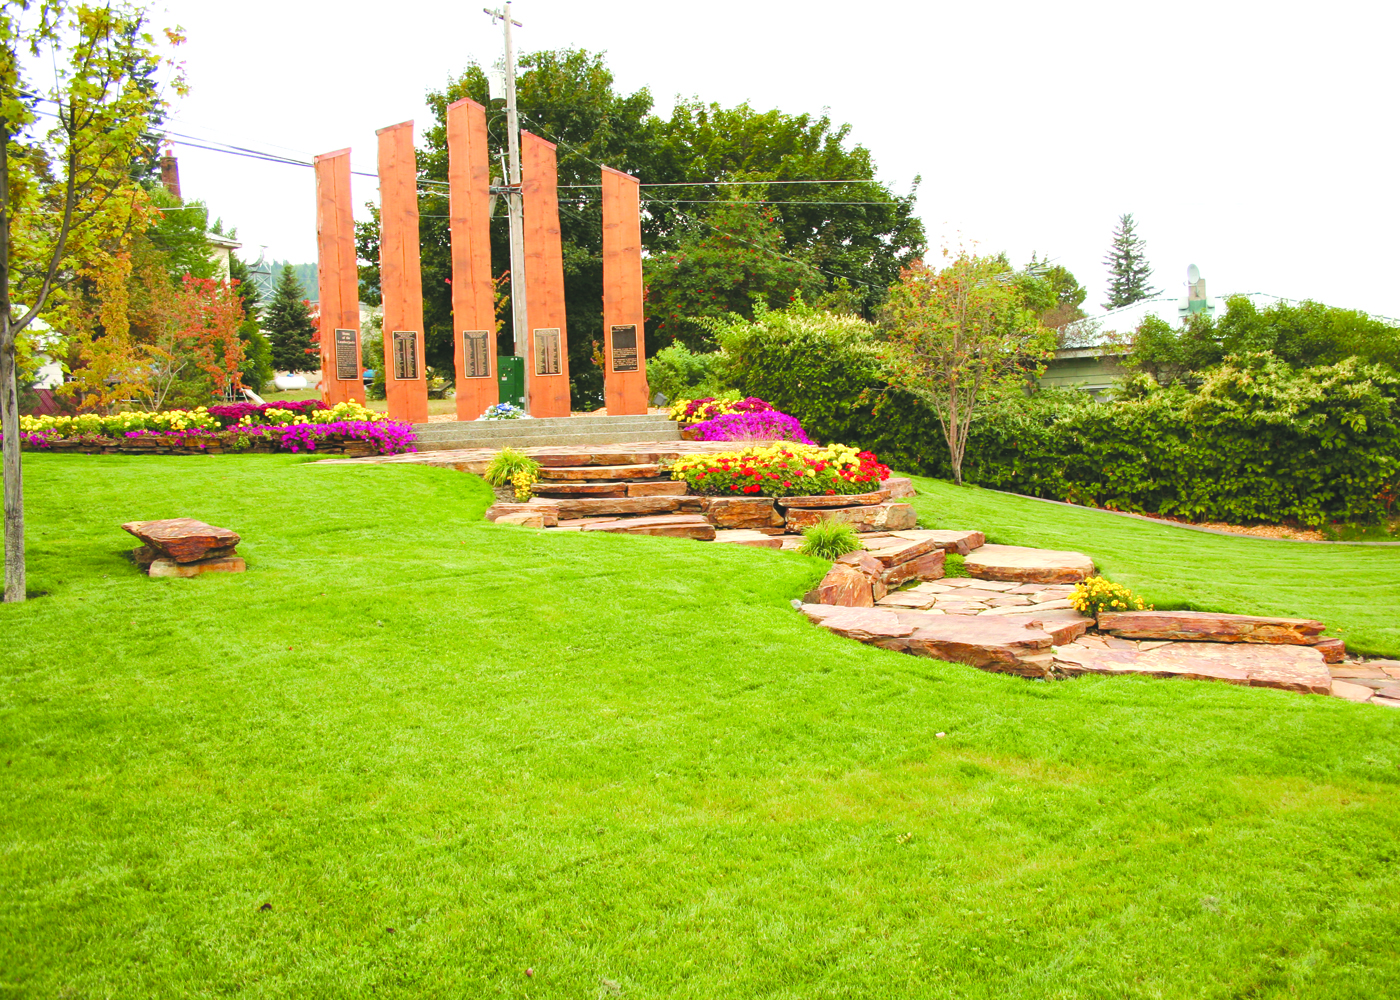 Logger Memorial